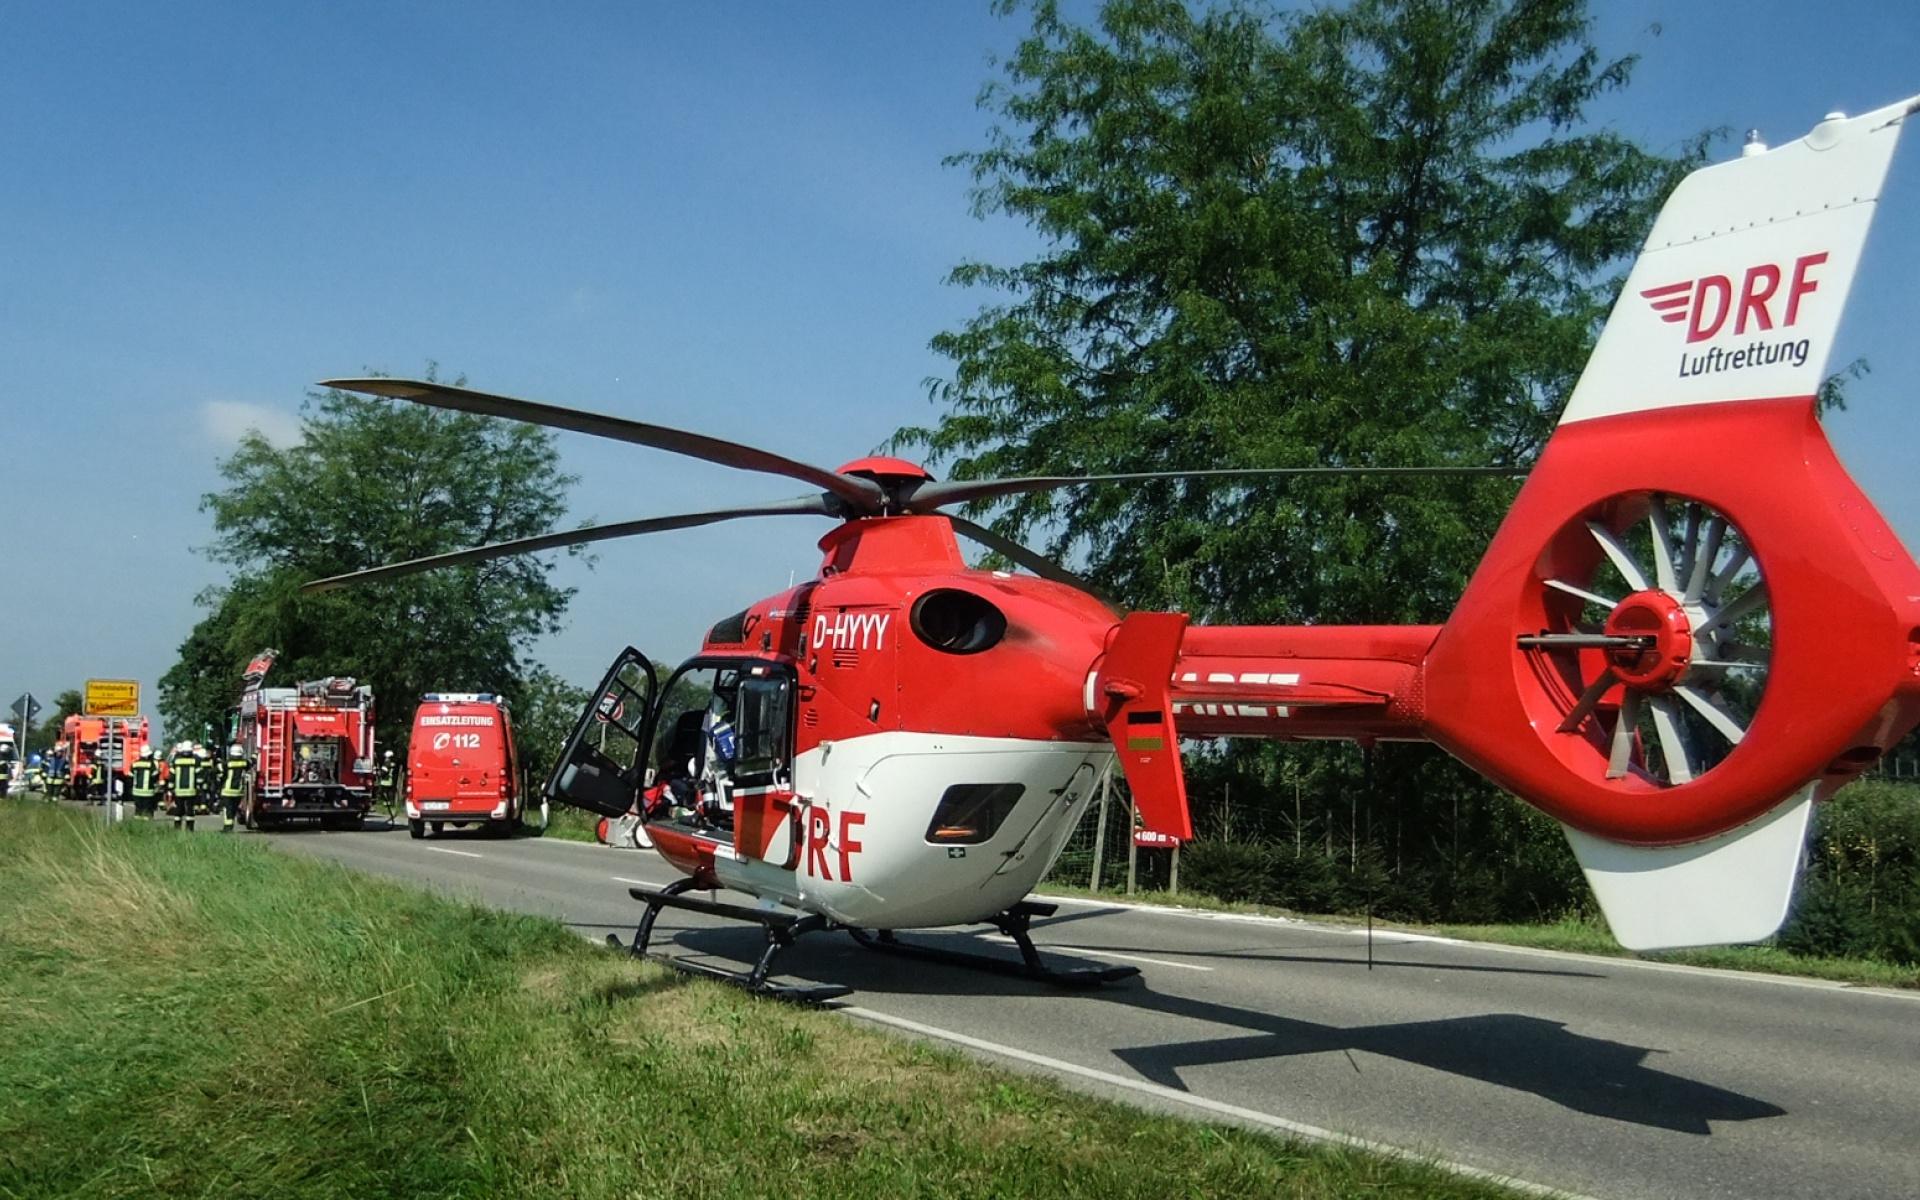 Der Friedrichshafener Rettungshubschrauber im Notfalleinsatz.